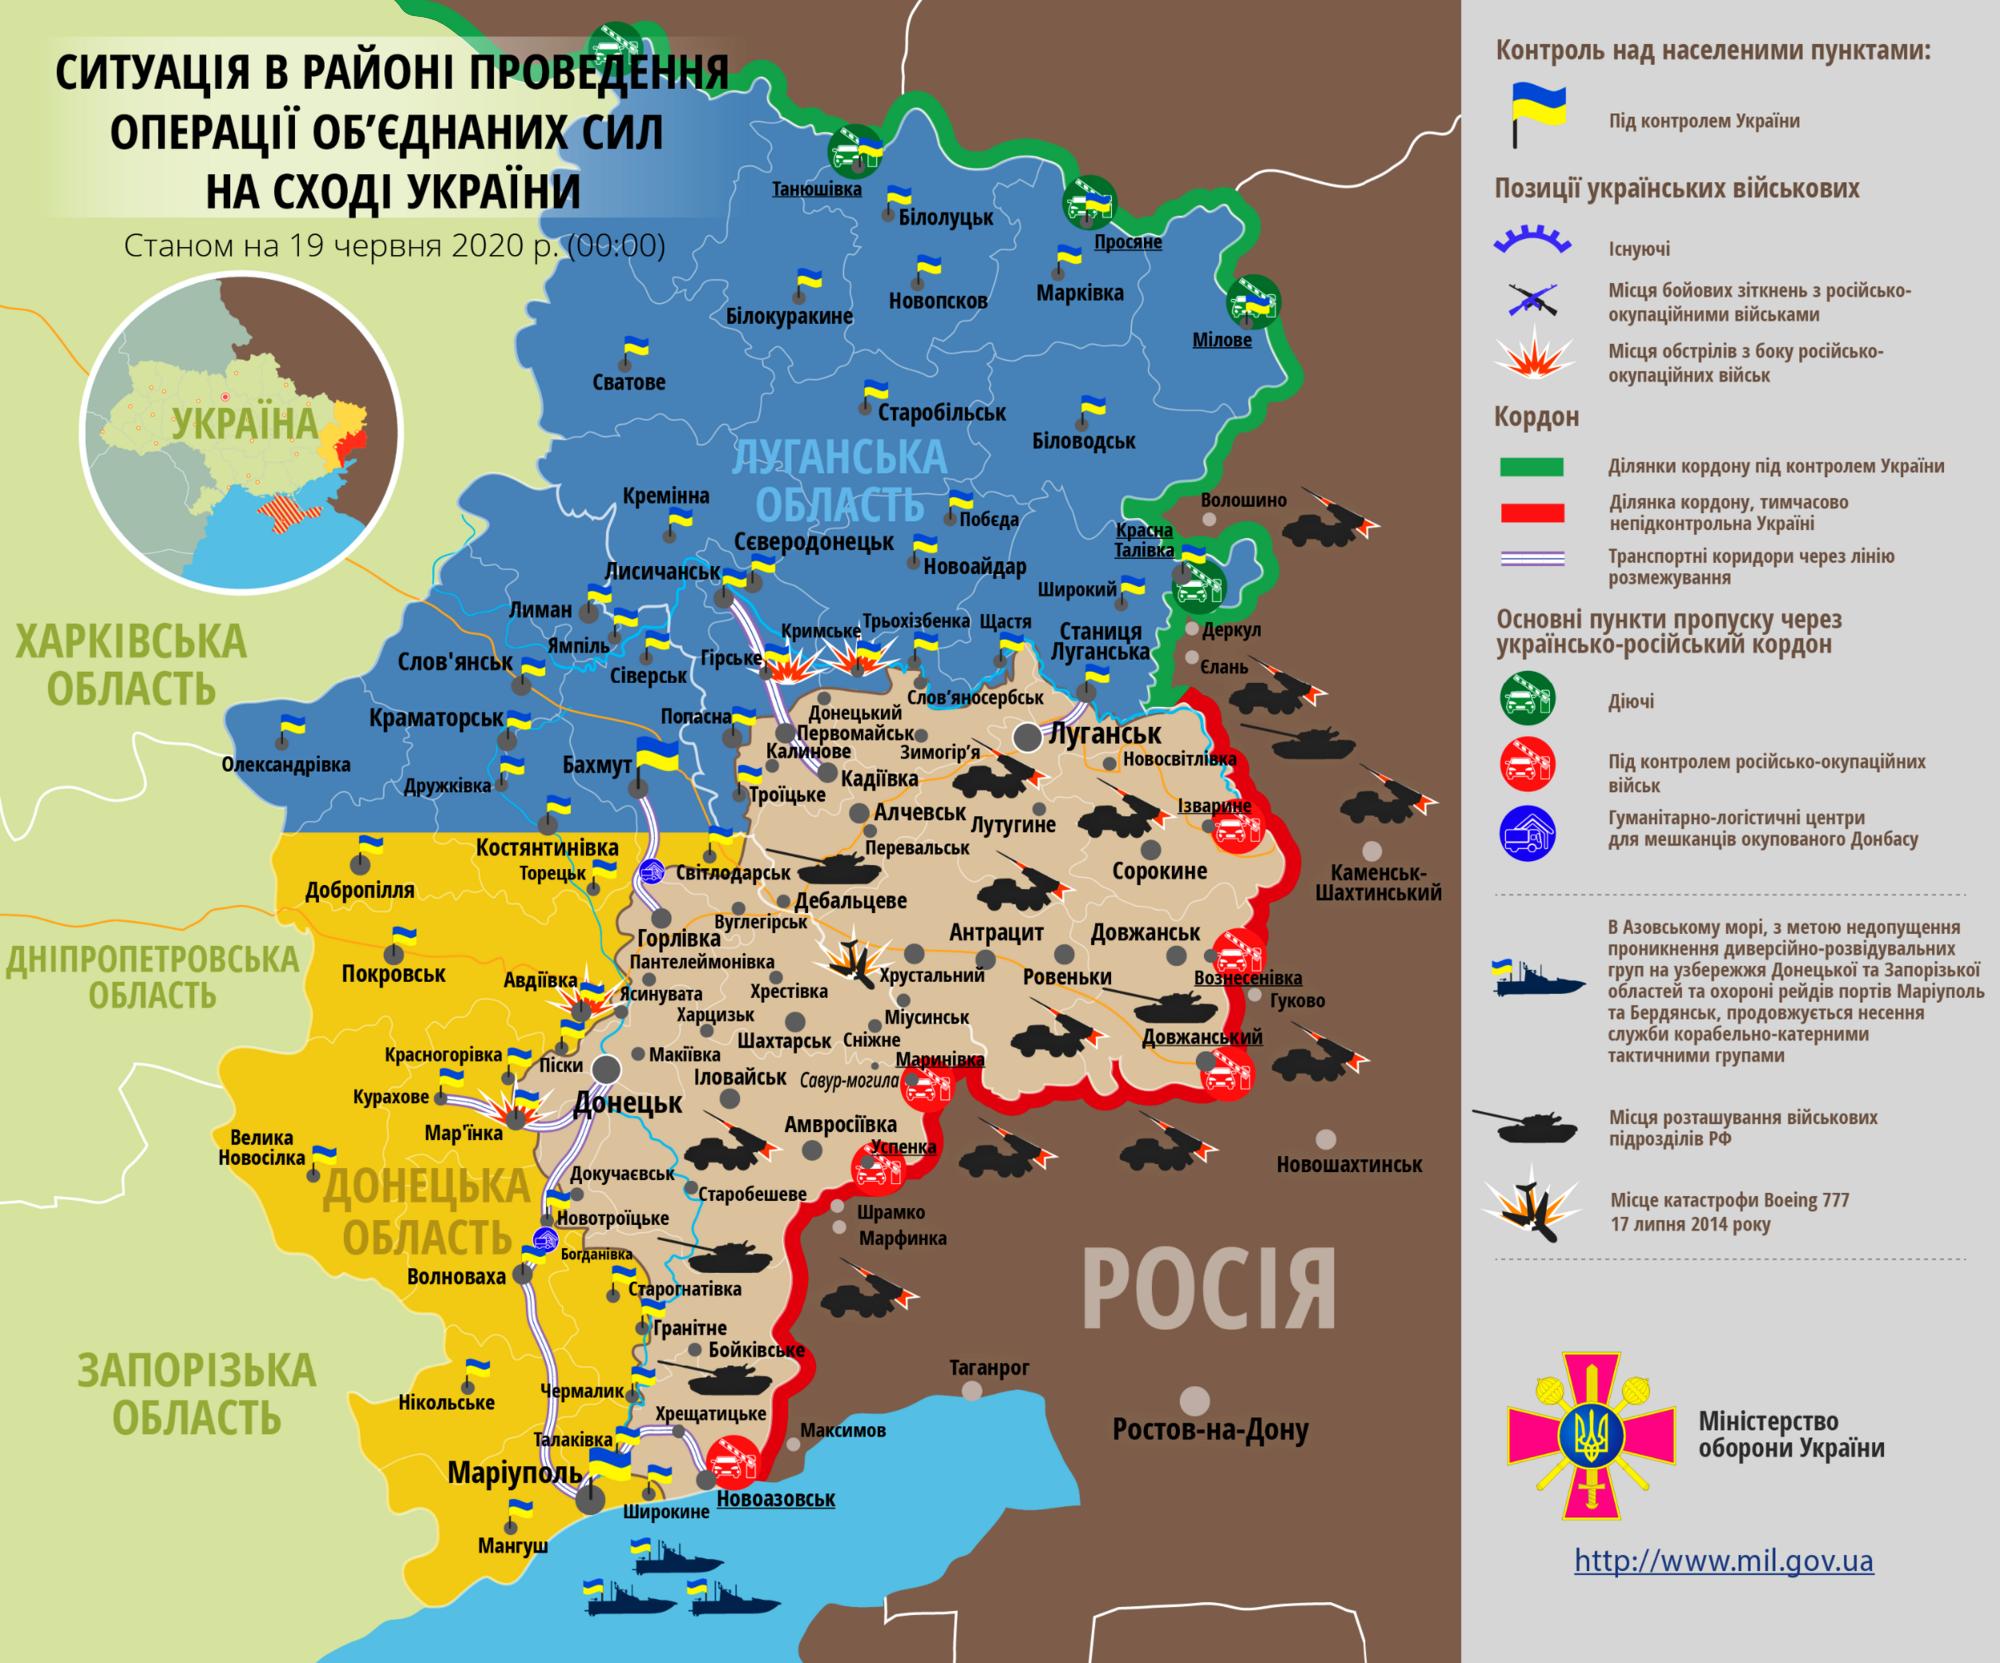 Ситуация в зоне ООС по состоянию на 19 июня (инфографика – сайт Минобороны Украины)